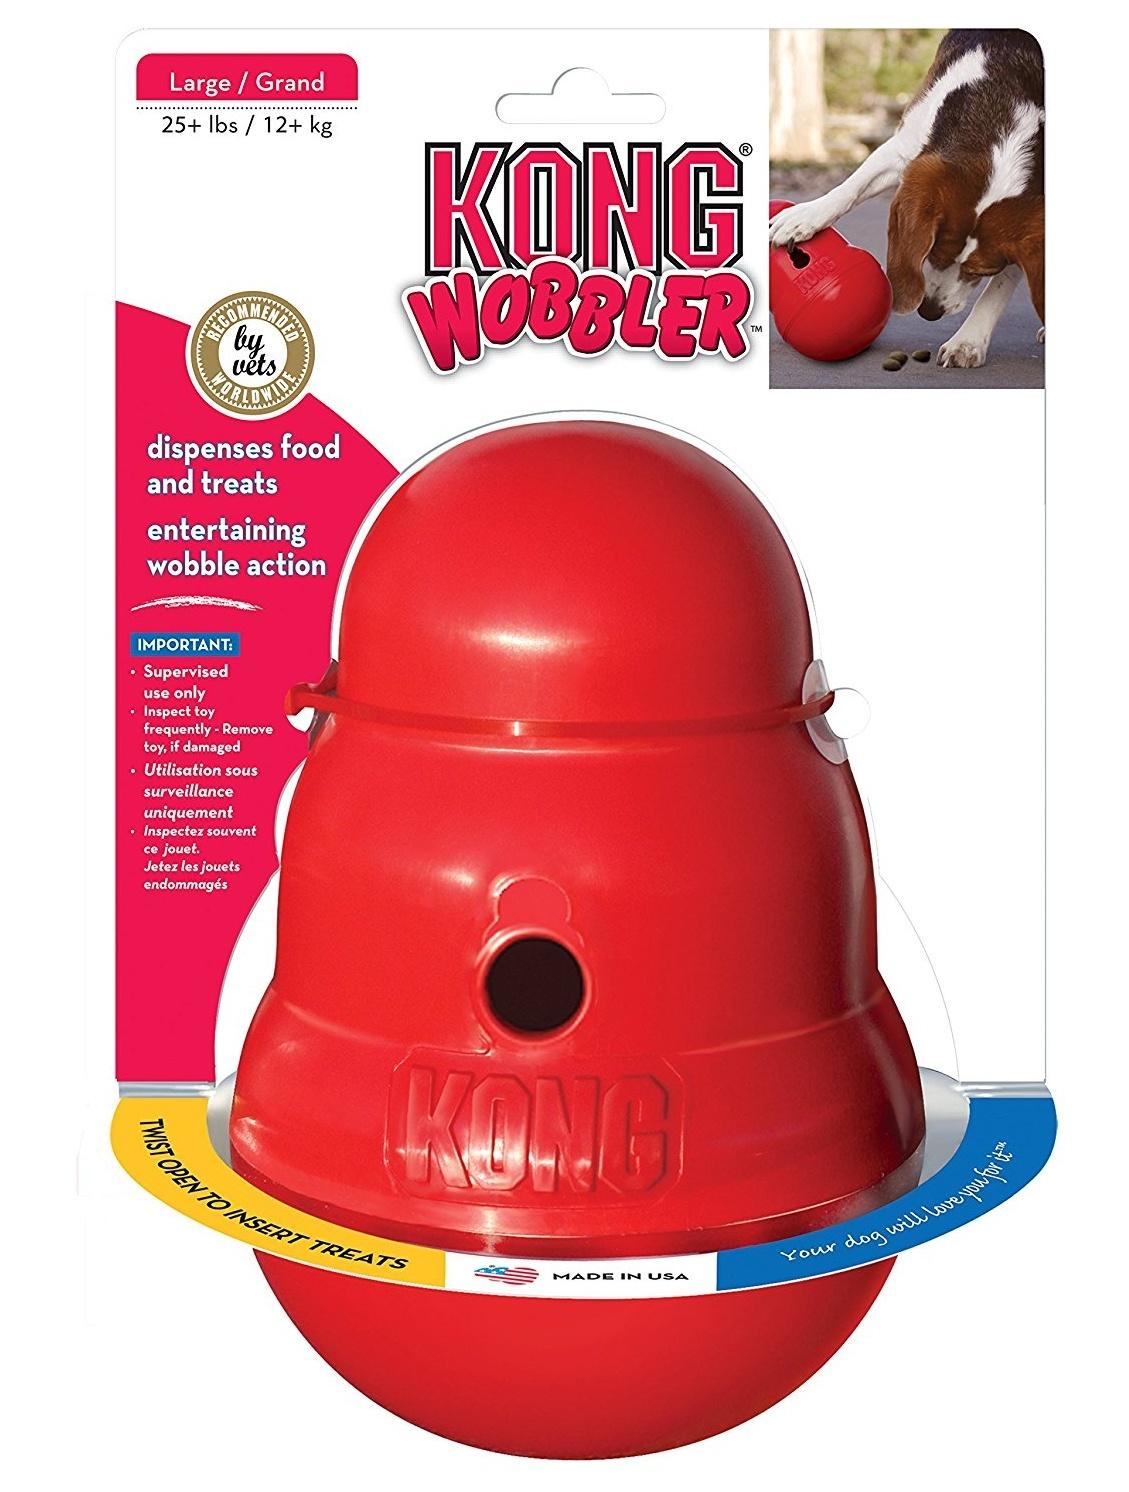 Kong-Wobbler-Large-Dog-Toy.jpg